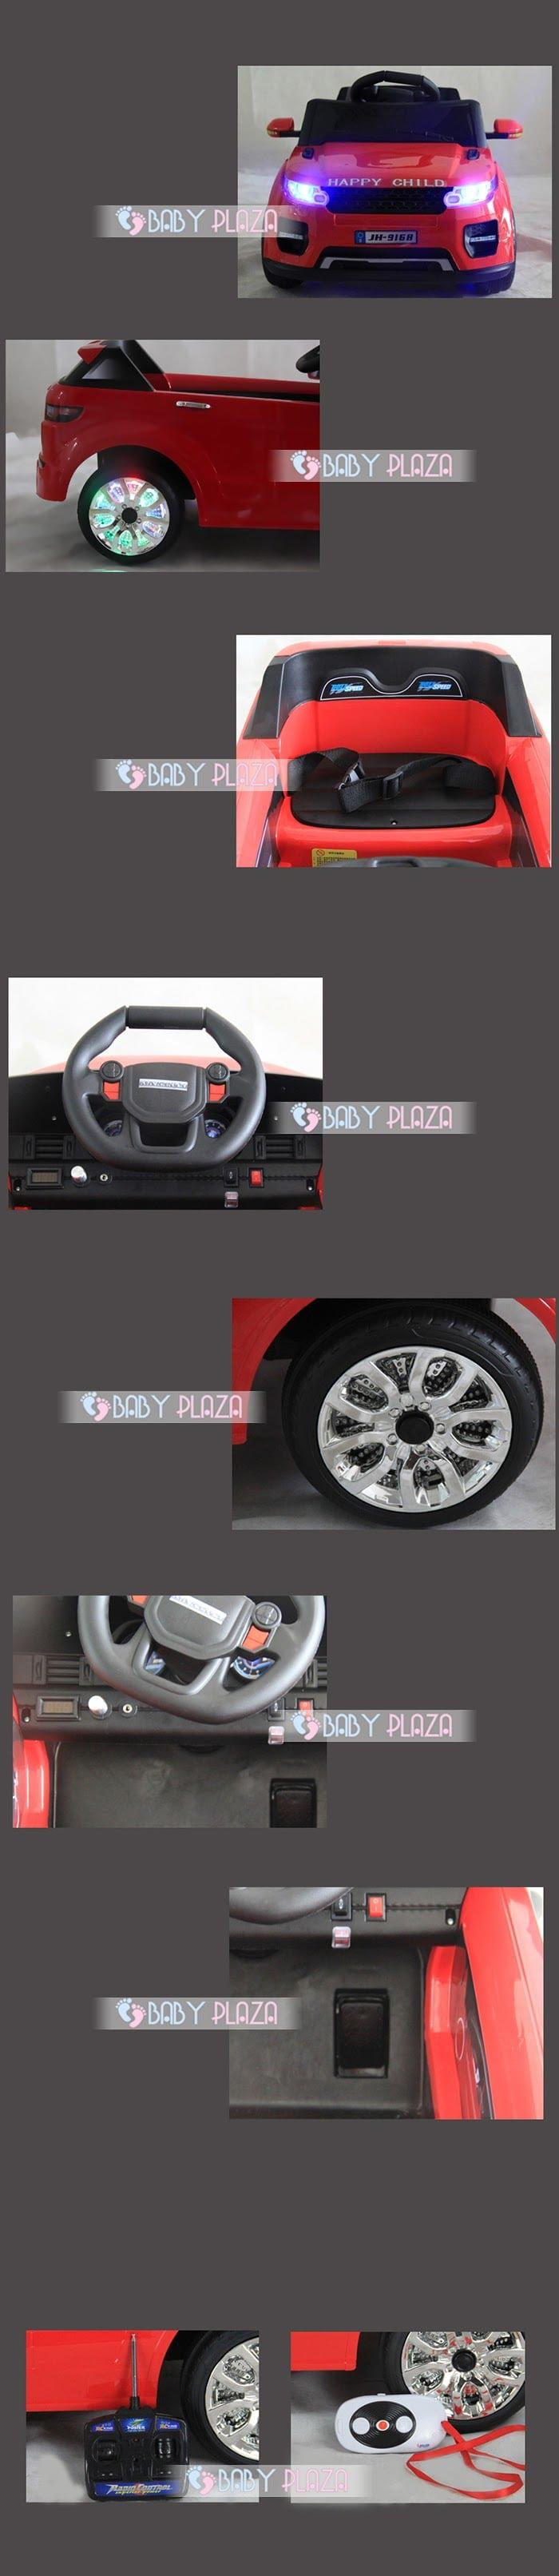 Xe hơi điện cho bé JH-9168 3